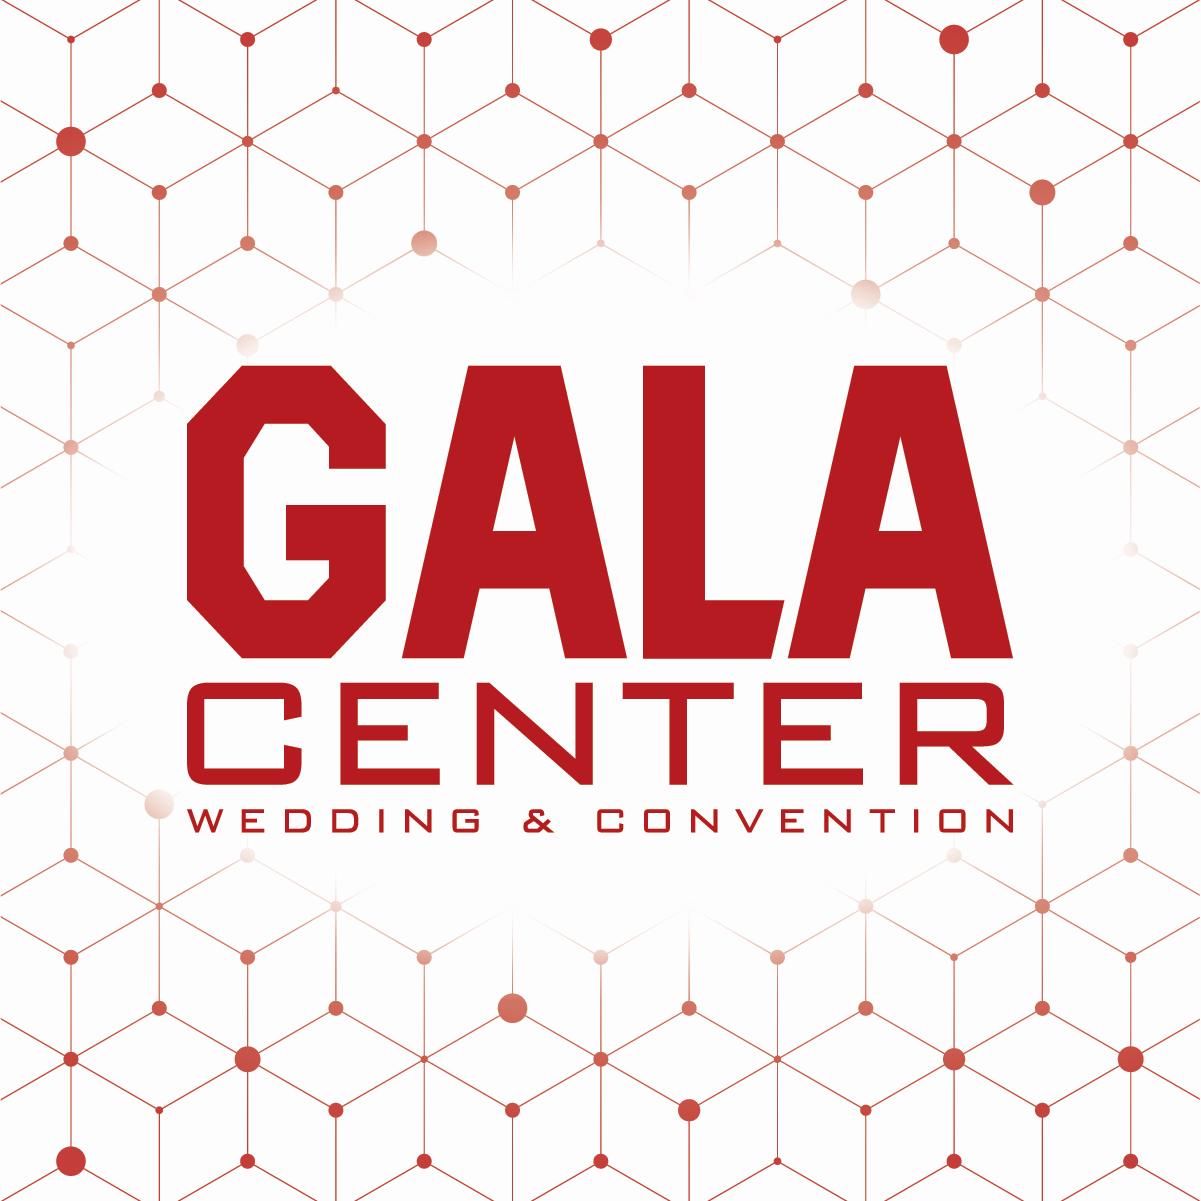 Trung Tâm Hội Nghị & Tiệc Cưới GALA CENTER